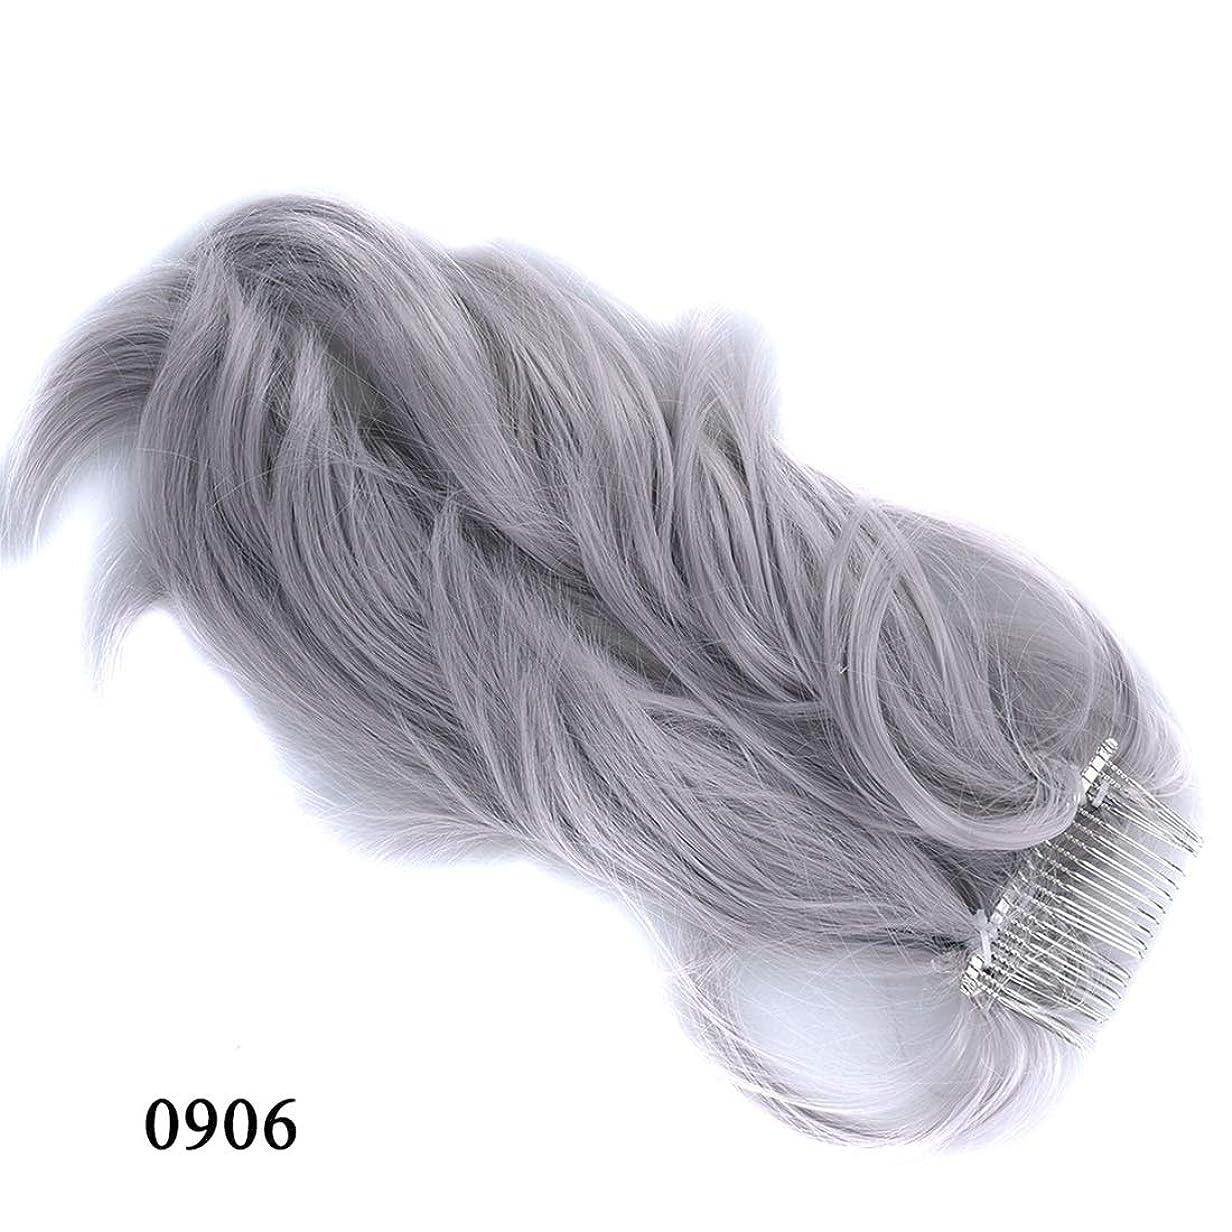 大邸宅テレマコスくJIANFU かつらヘアリング様々な柔軟なポニーテールメタルプラグコムポニーテール化学繊維ヘアエクステンションピース (Color : 0906)